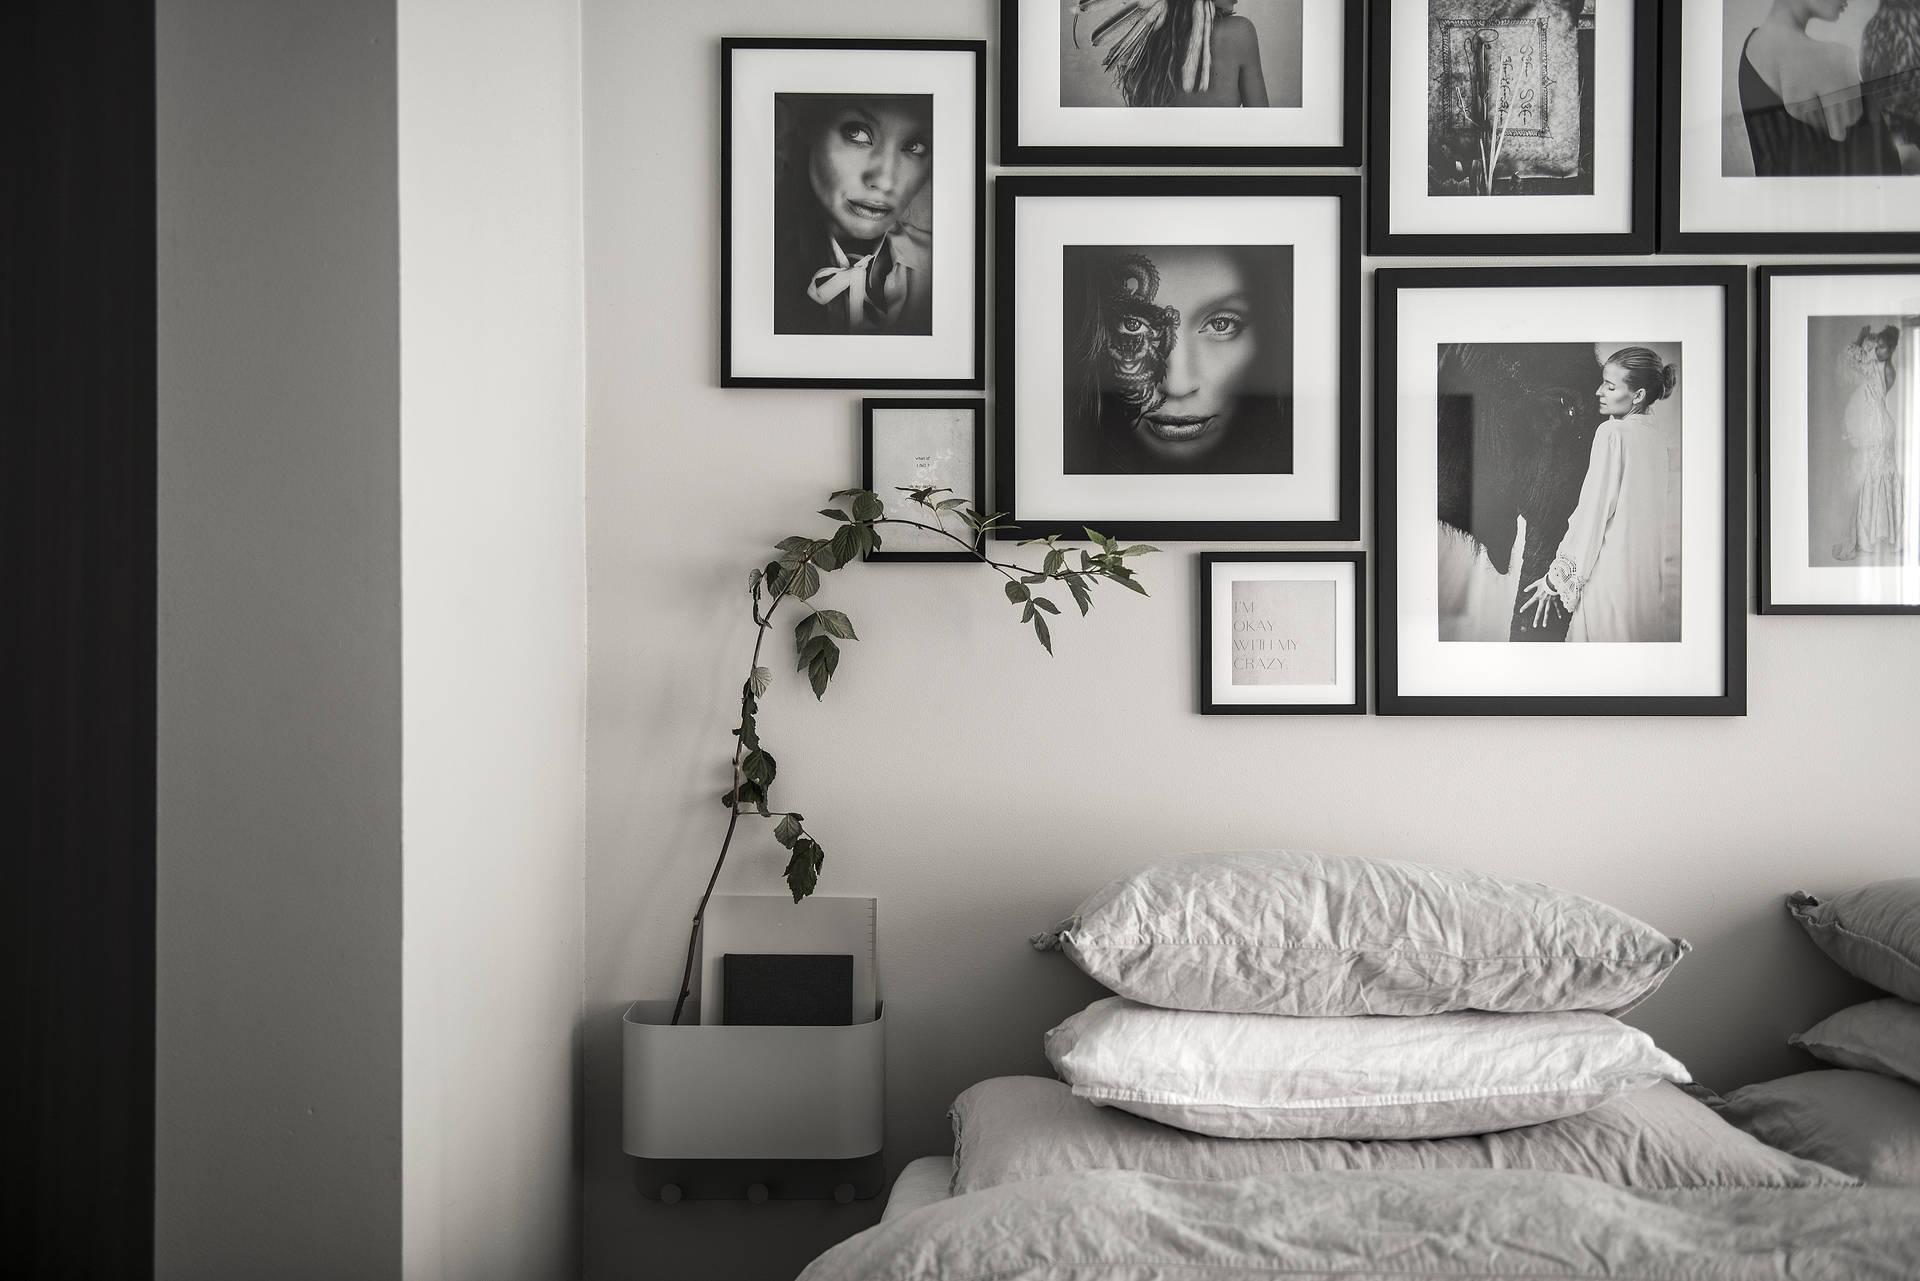 спальня кровать стена галерея фото прикроватные тумбы